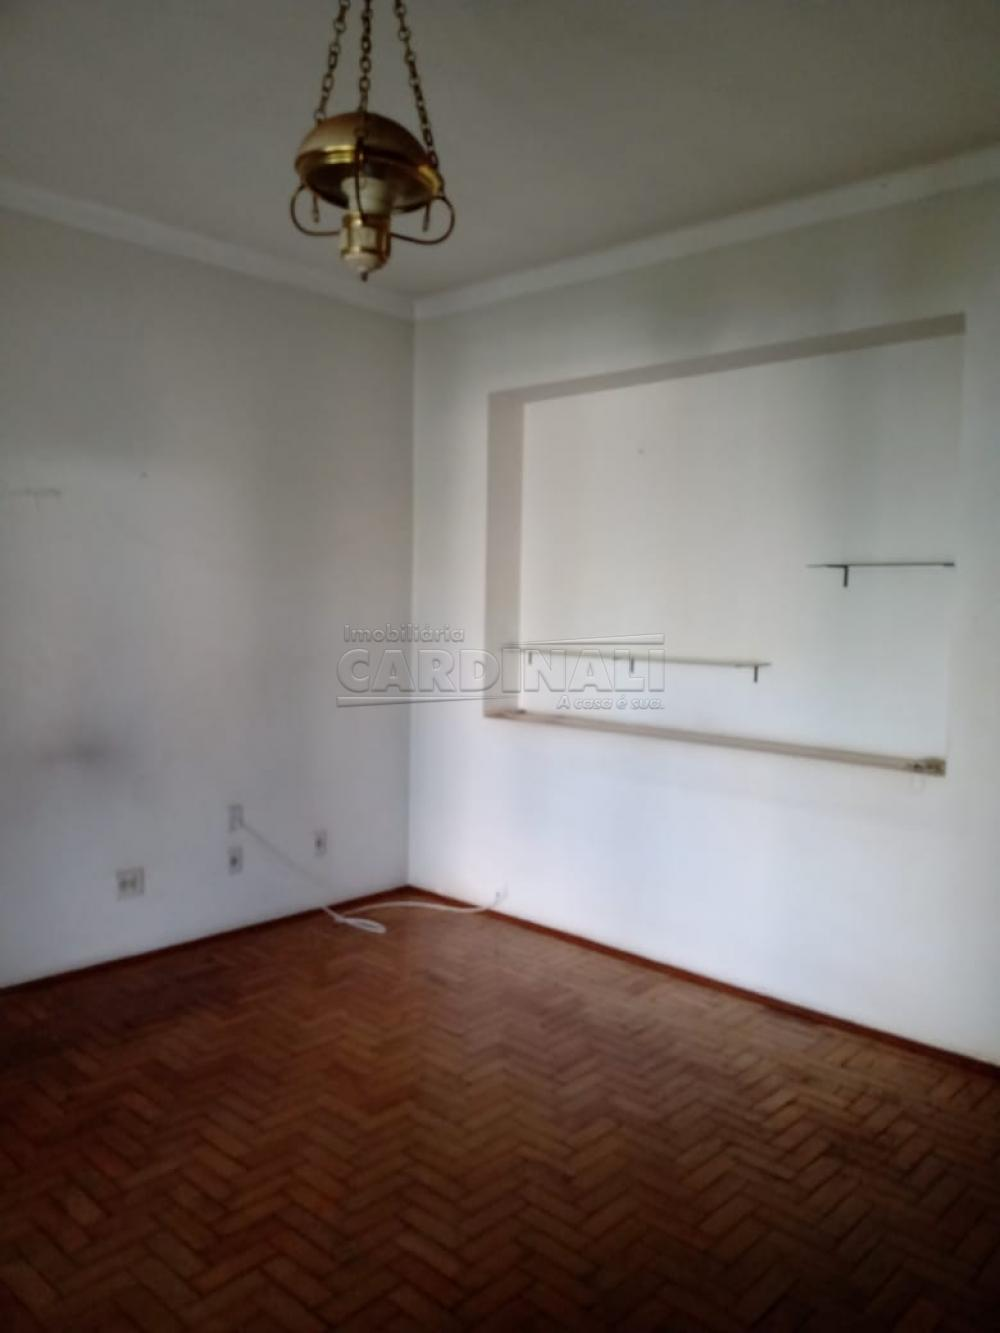 Comprar Casa / Padrão em São Carlos R$ 450.000,00 - Foto 9